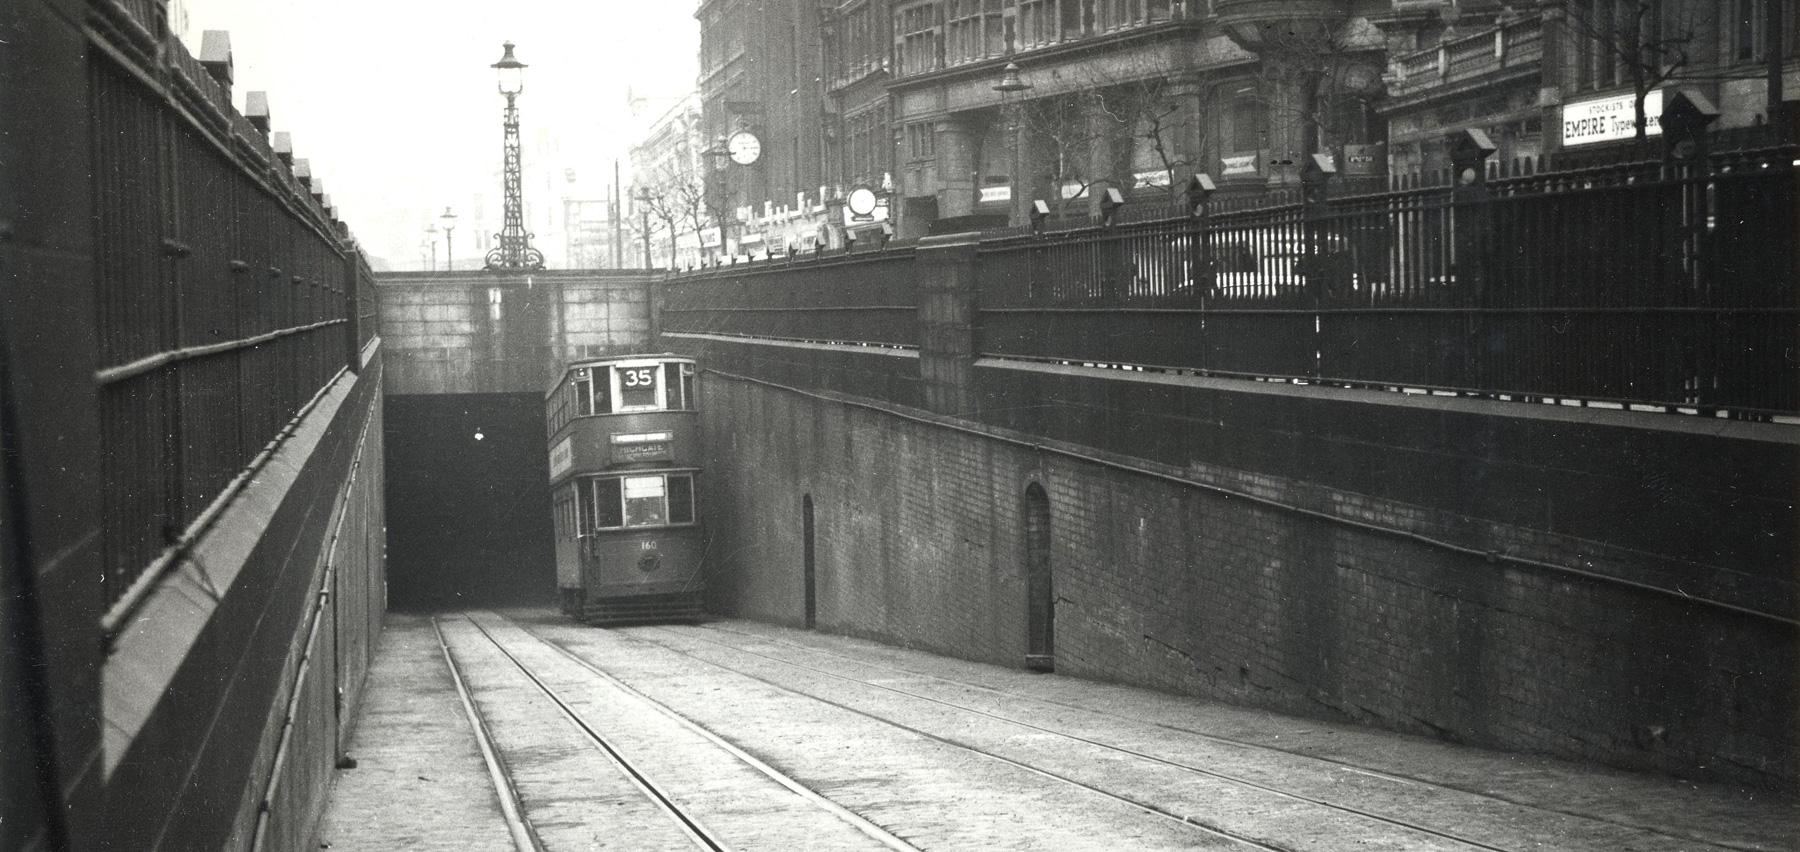 Kingsway Tram Subway